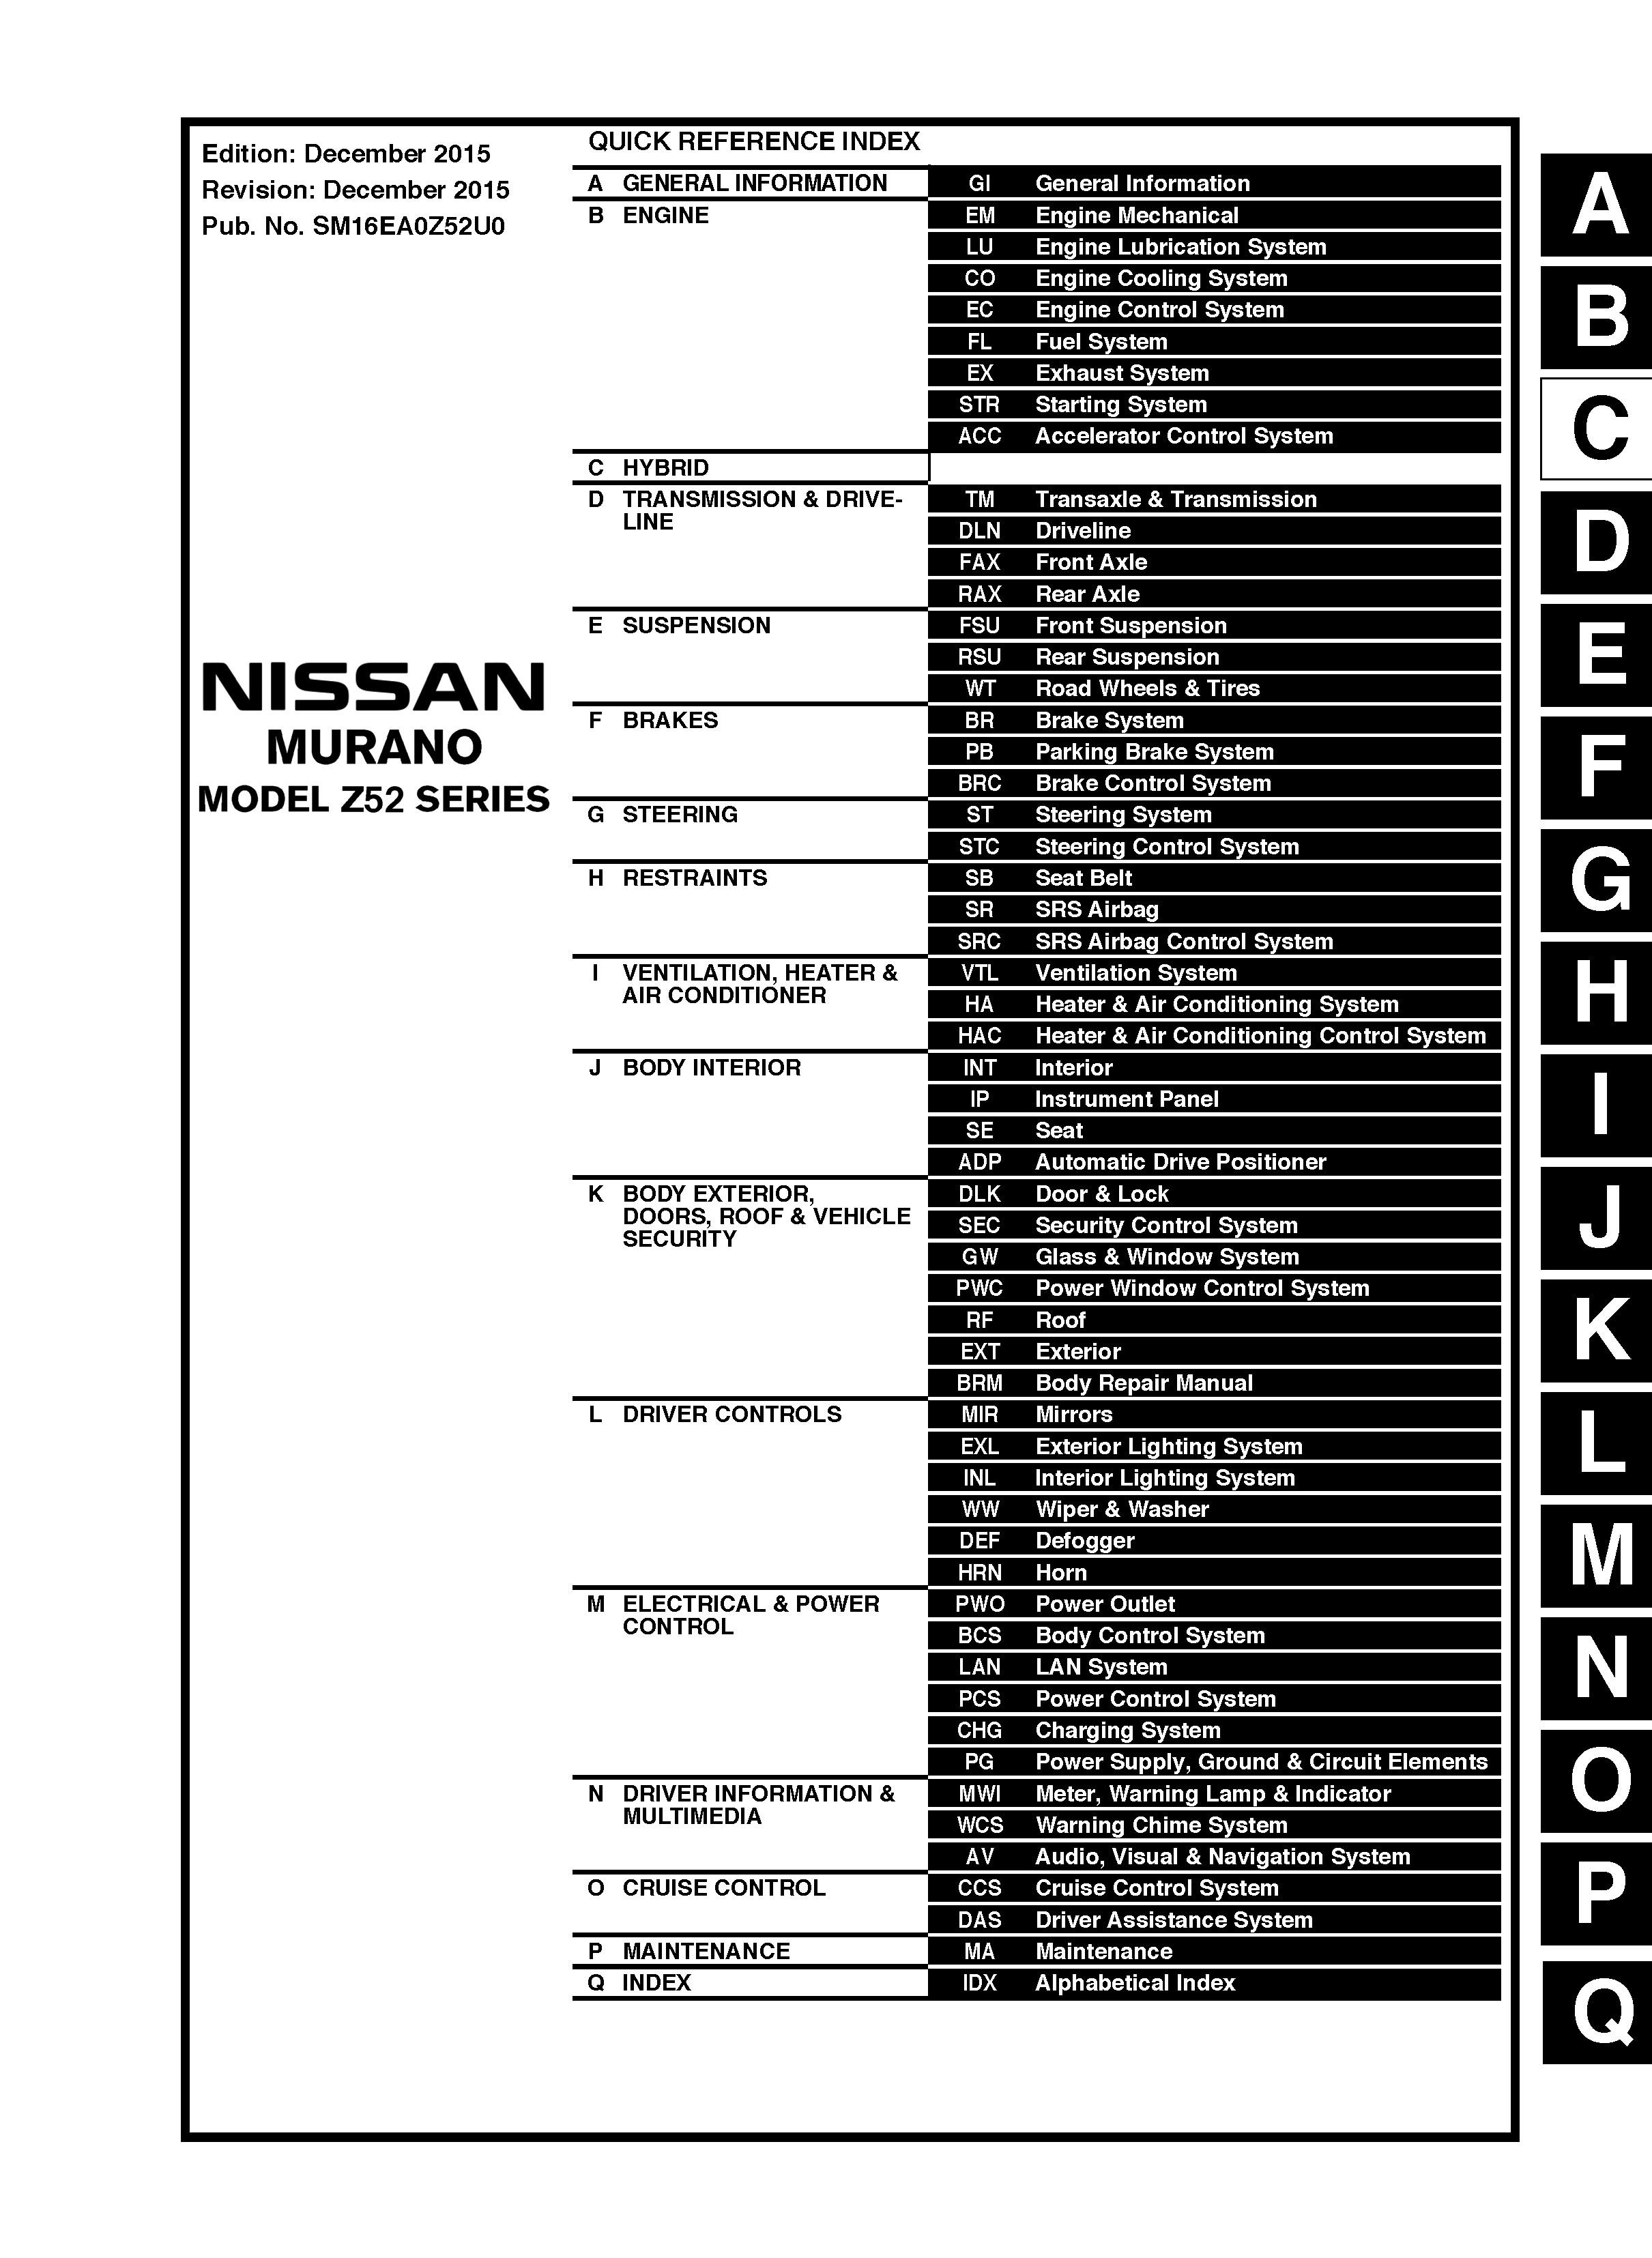 nissan murano repair manual pdf